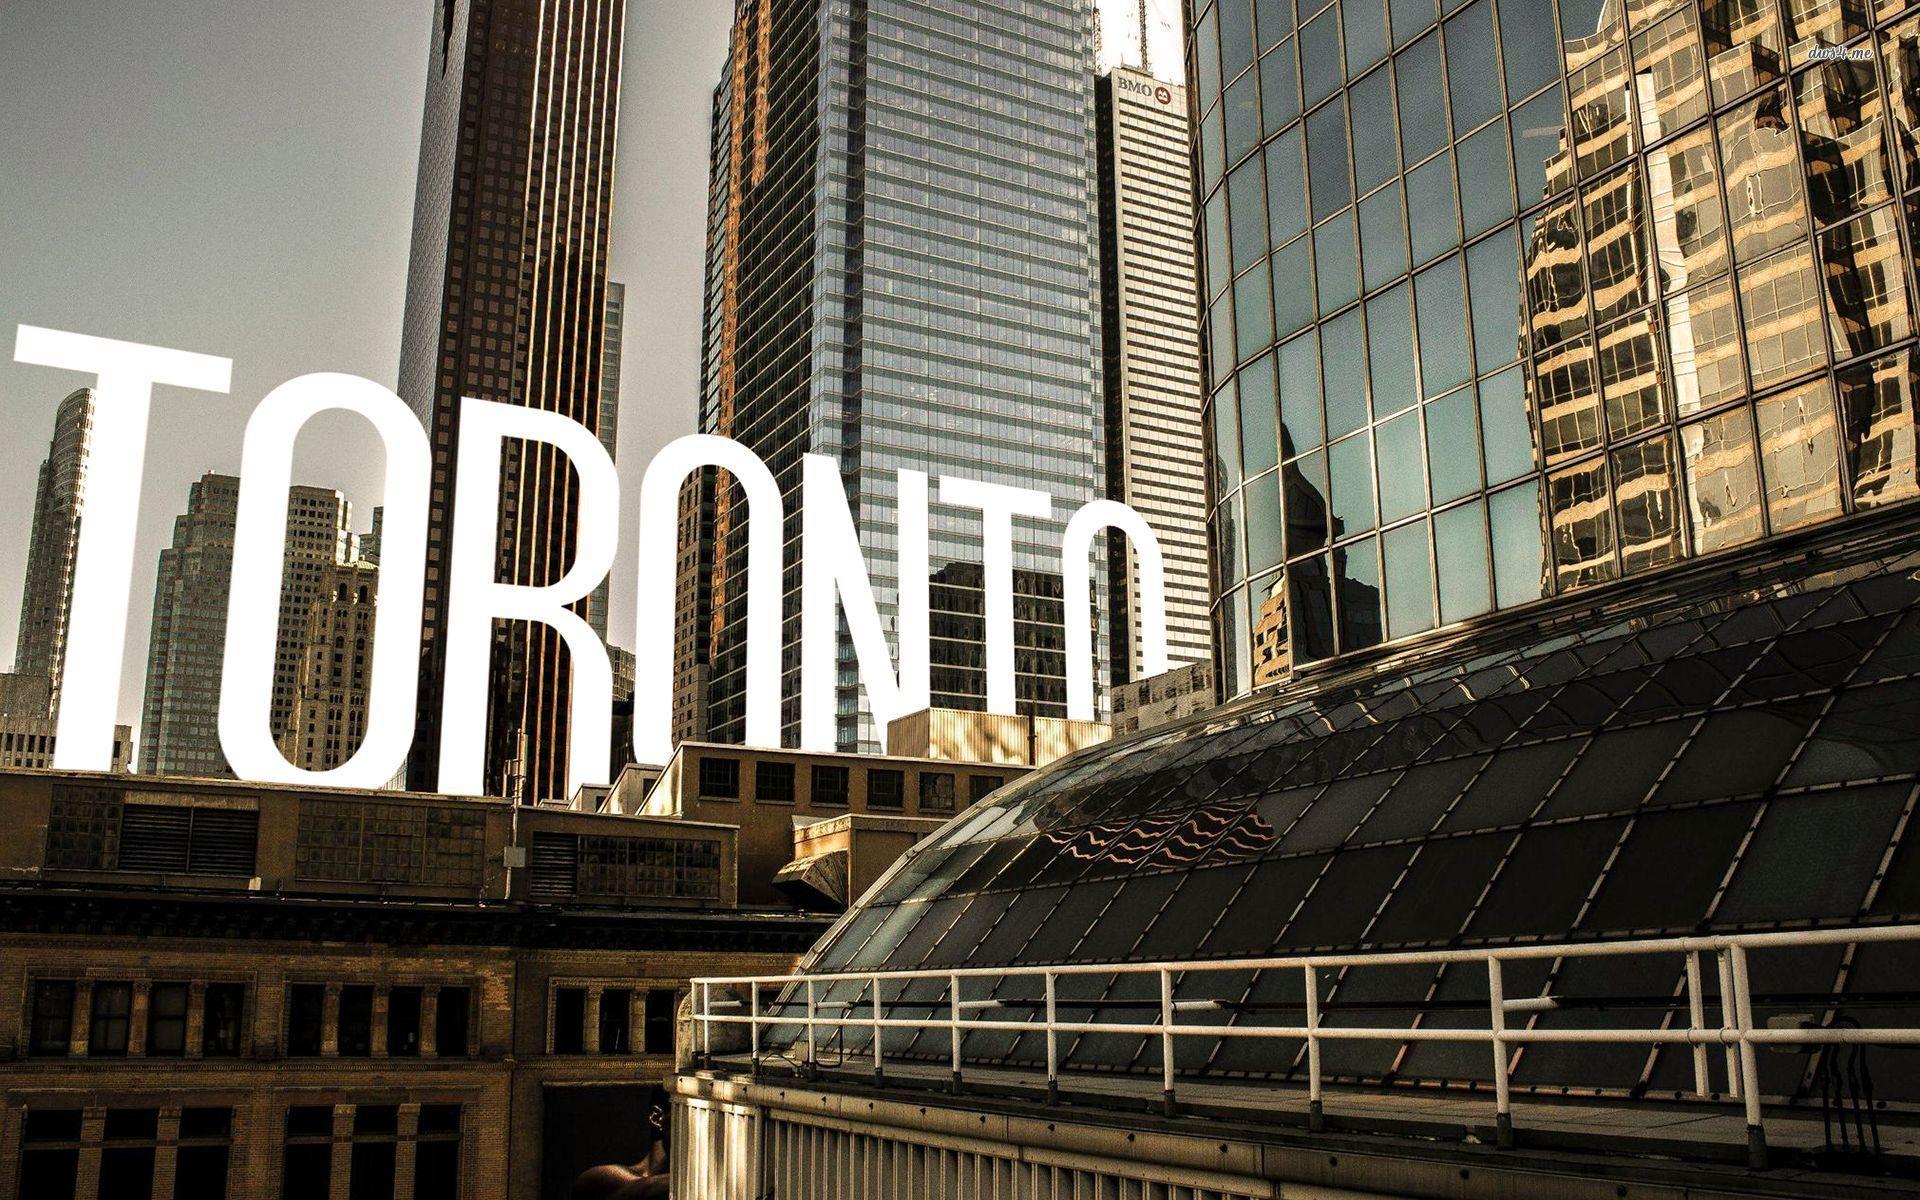 Toronto wallpaper wallpapersafari for Discount wallpaper canada